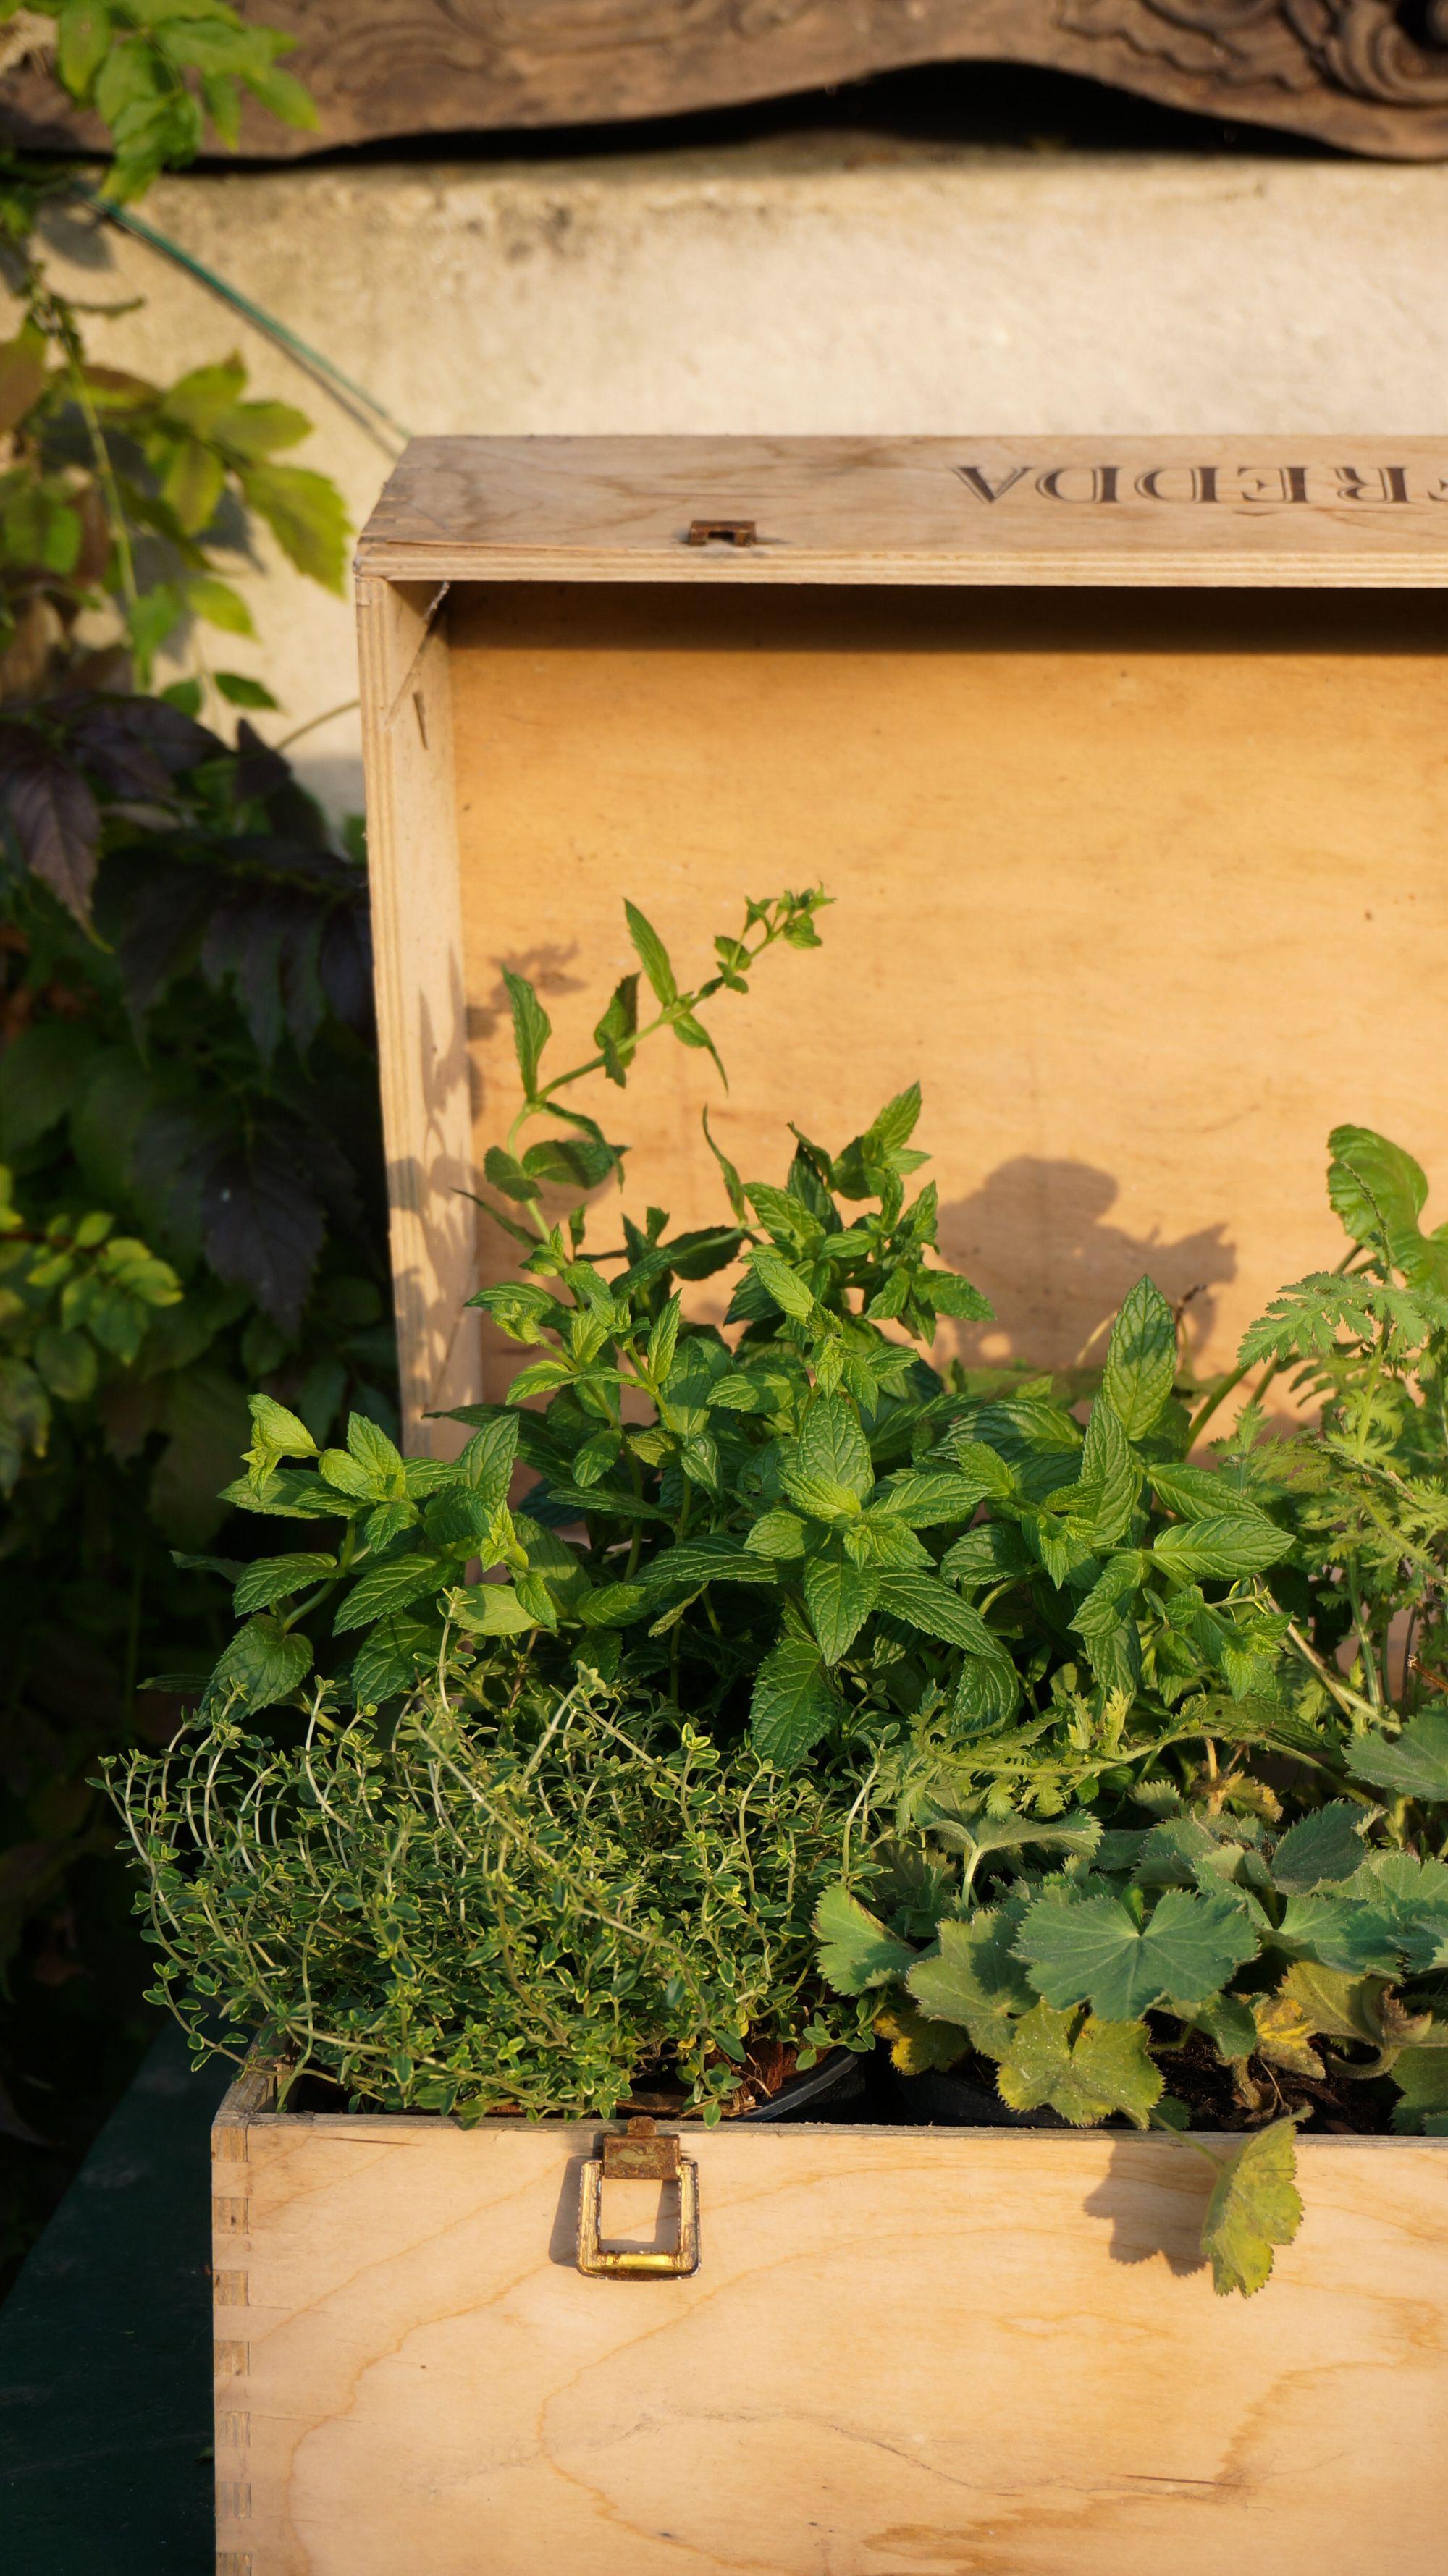 giardini erbe blossom zine br_-8 ricola ricola